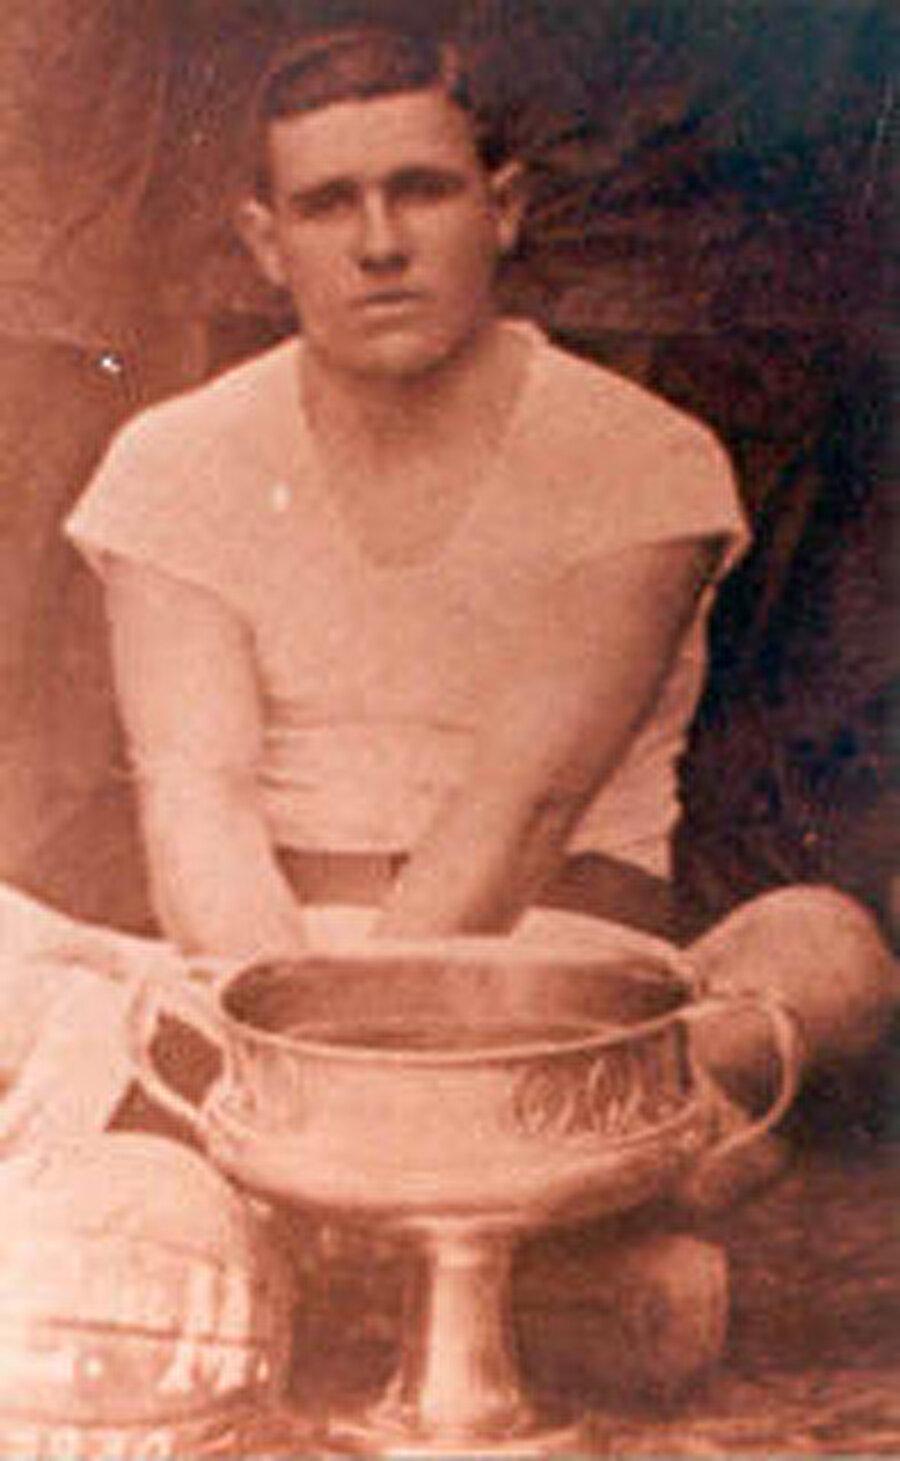 Şehrin en büyük takımı olan, aynı isme sahip Talcahuano'da futbol kariyerine başladı.